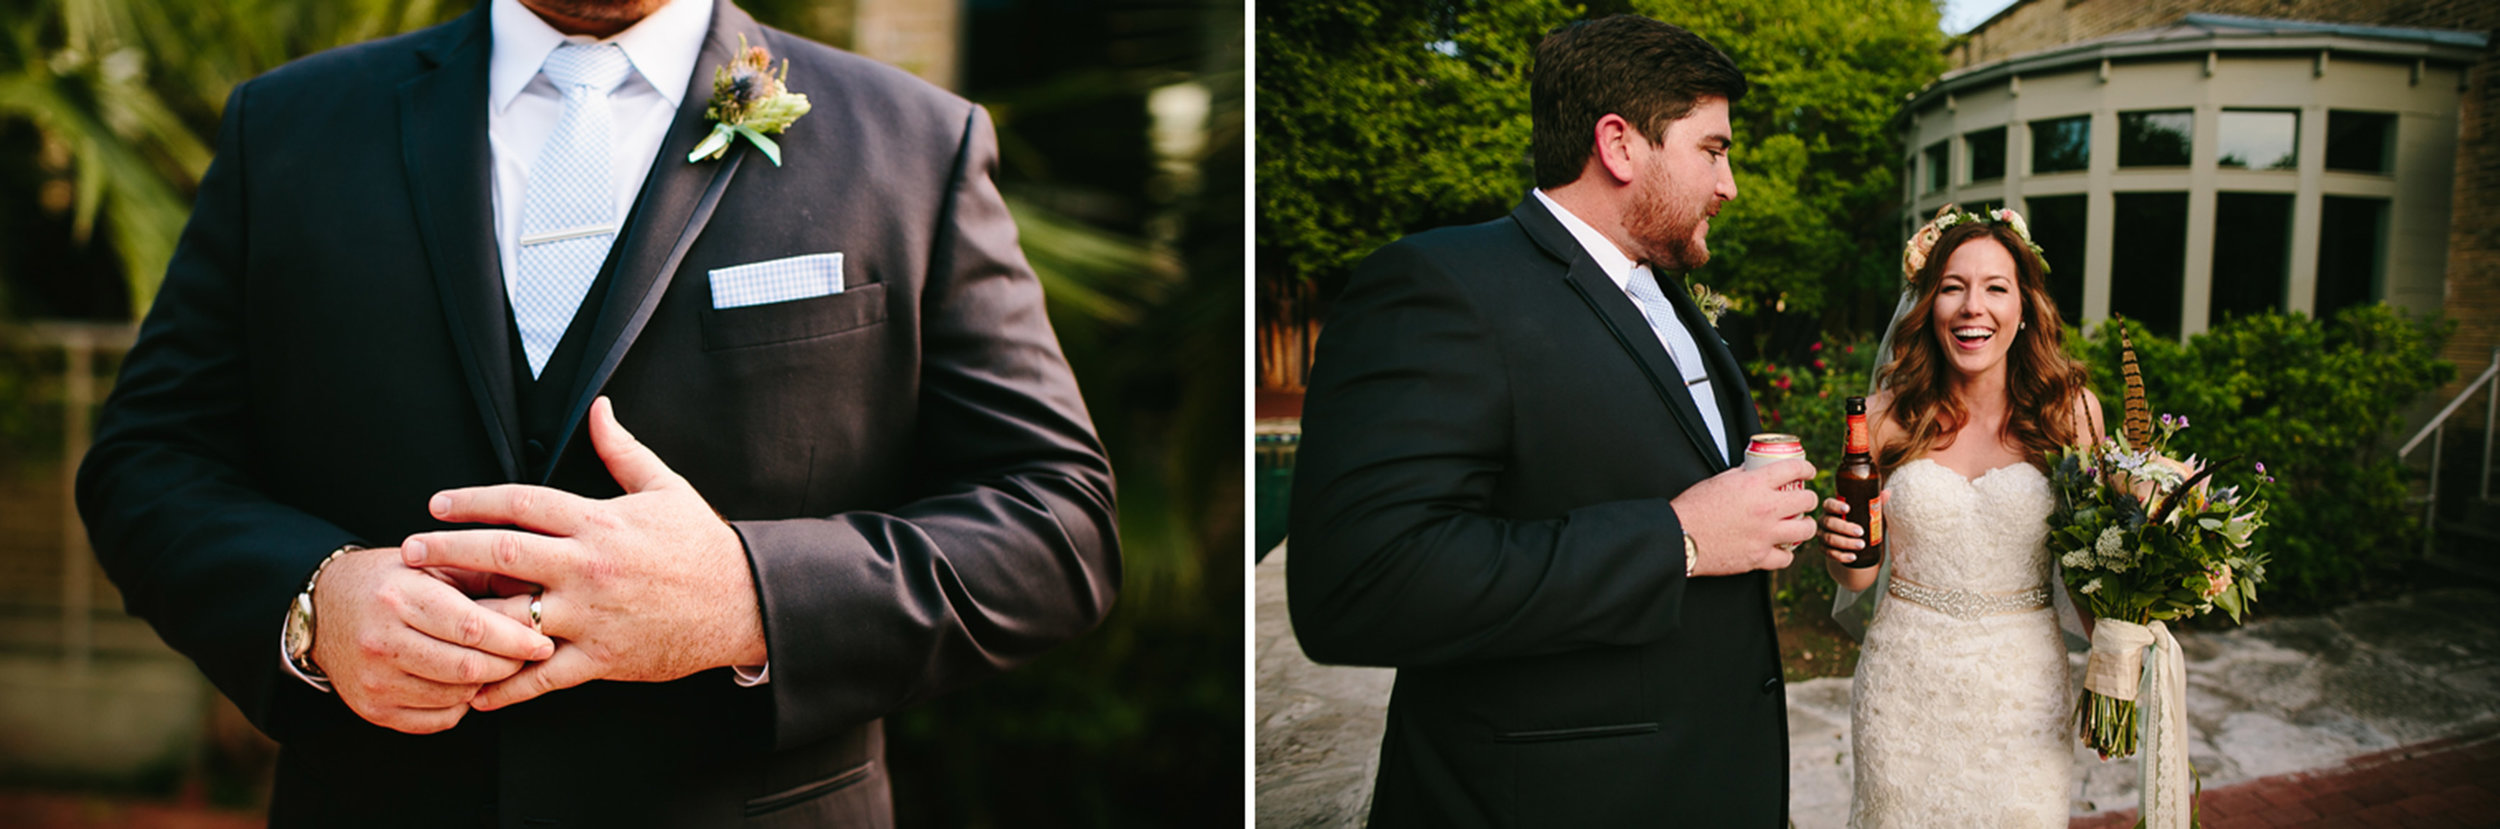 Austin_WeddingPhotographer025.jpg